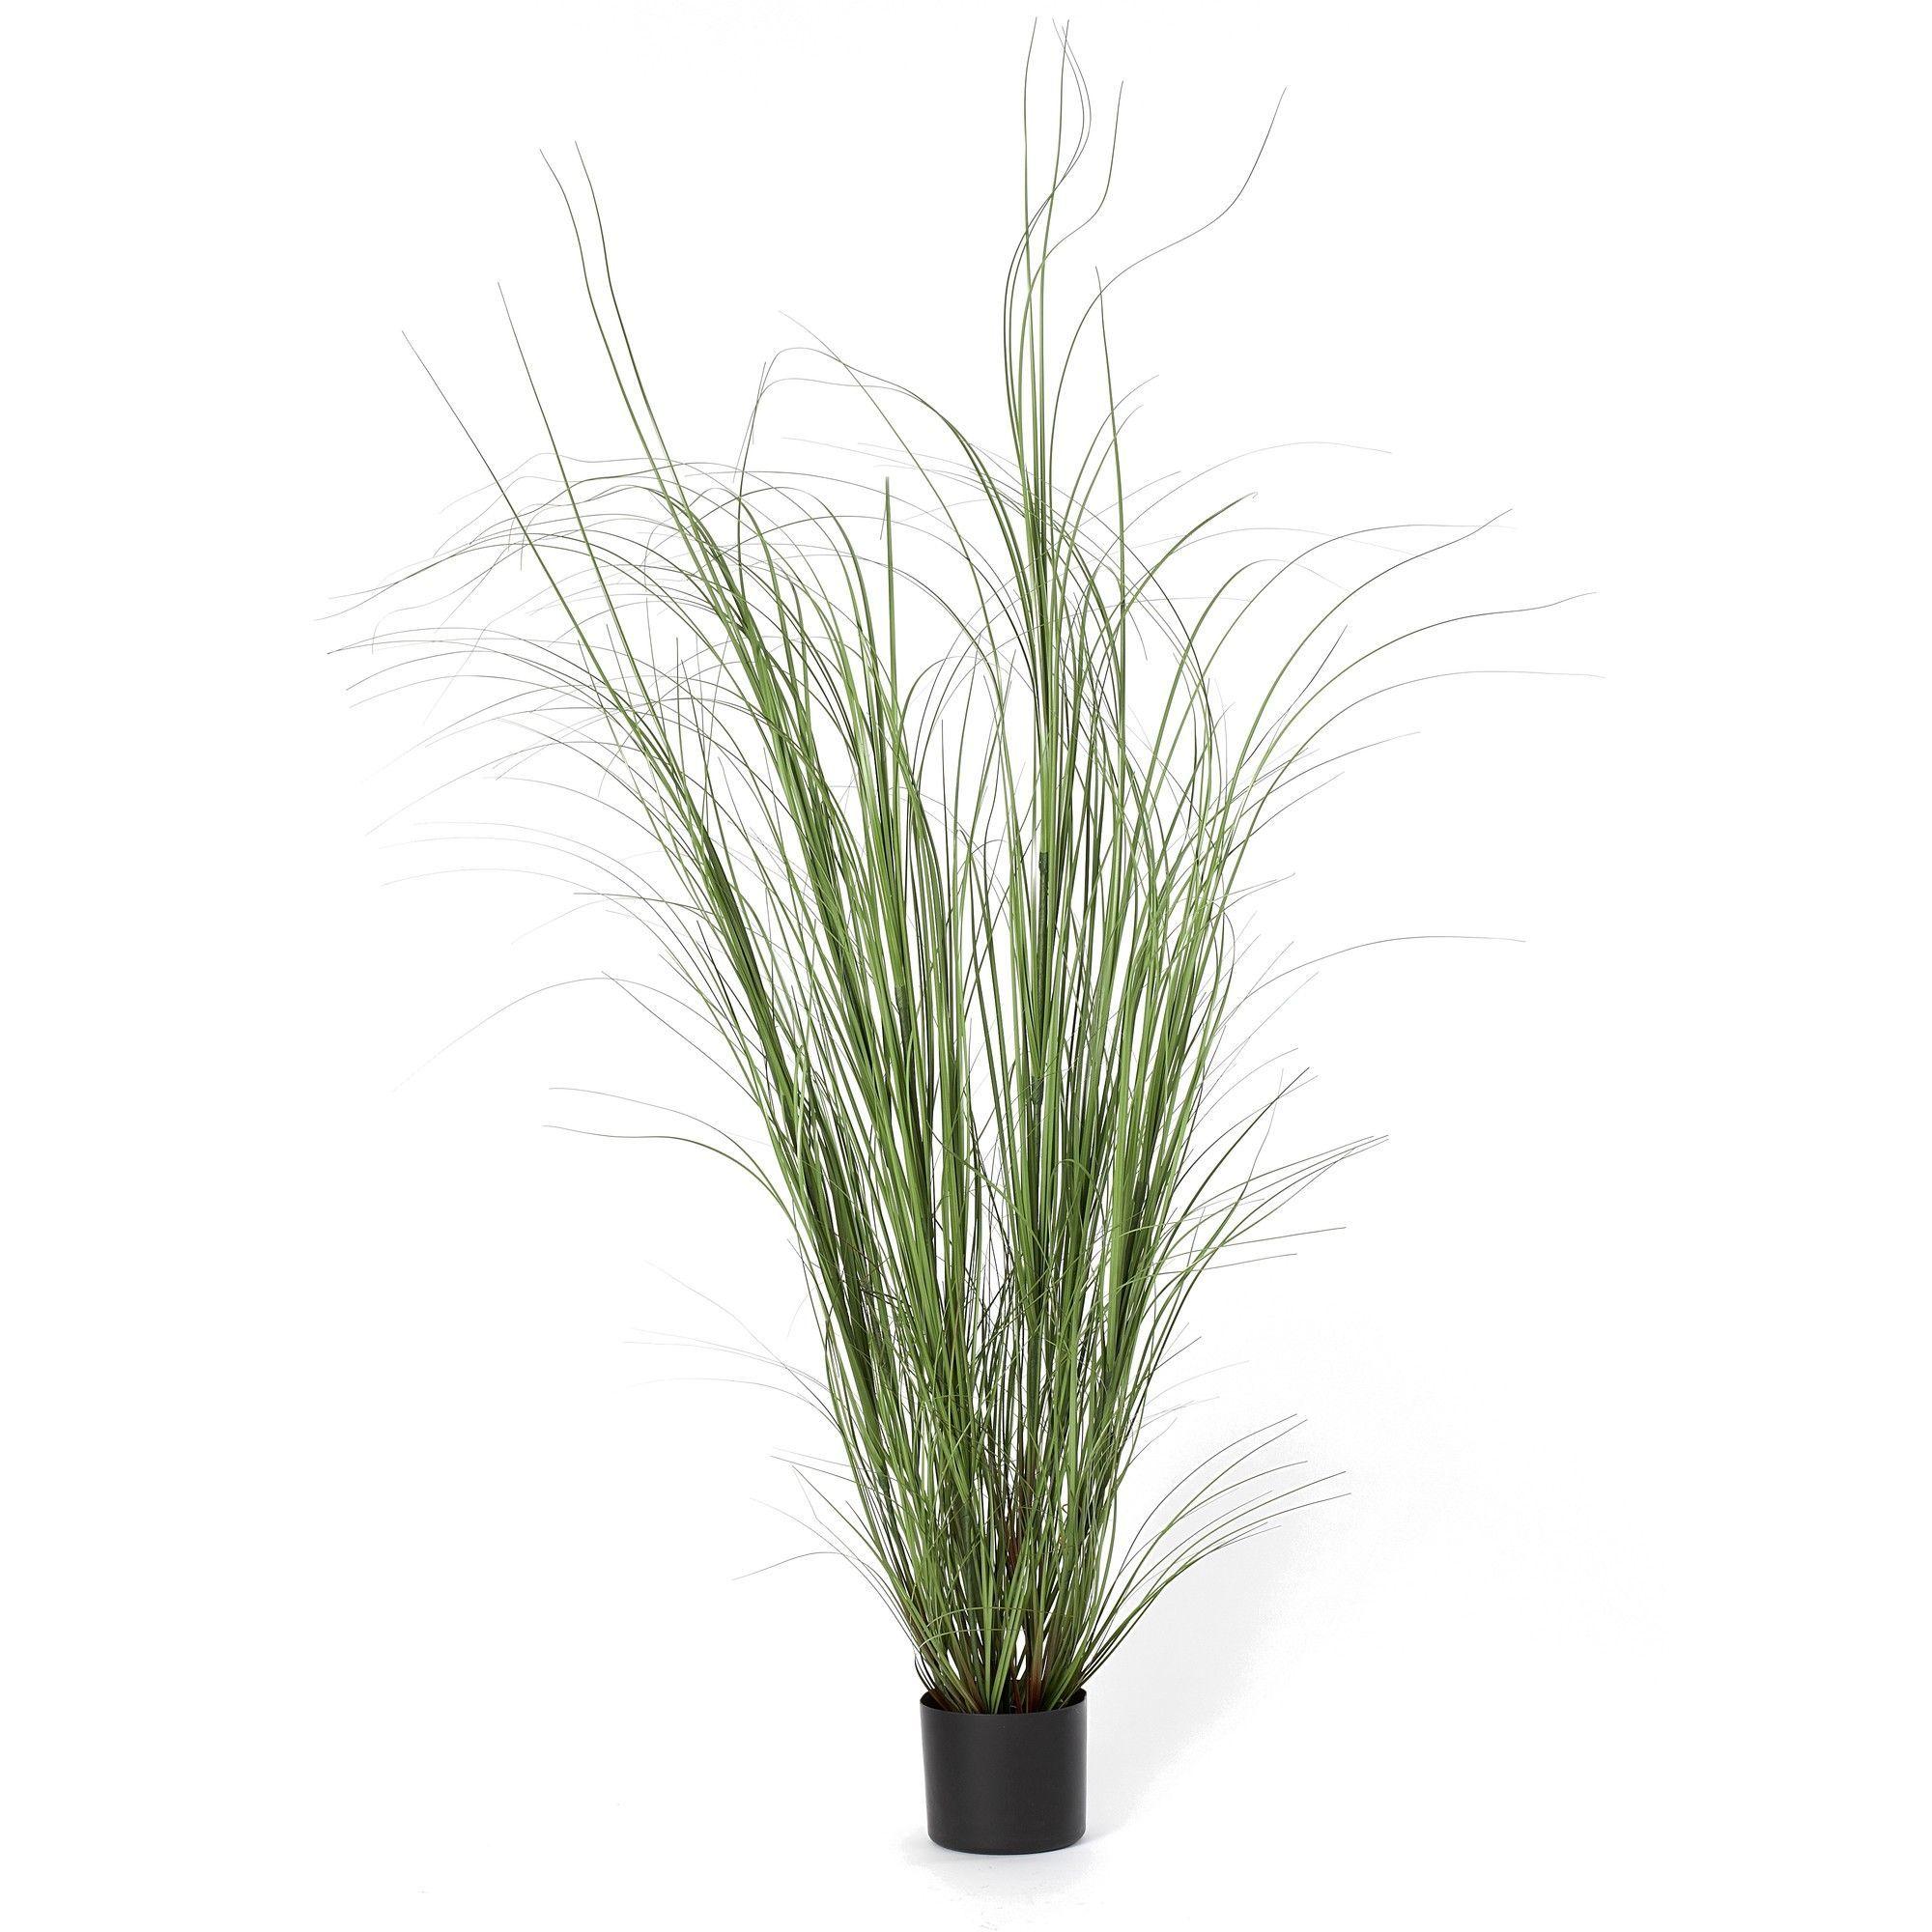 Fleur pvc grass plant in growers pot set of 6 rend for Dekor von zierpflanzen